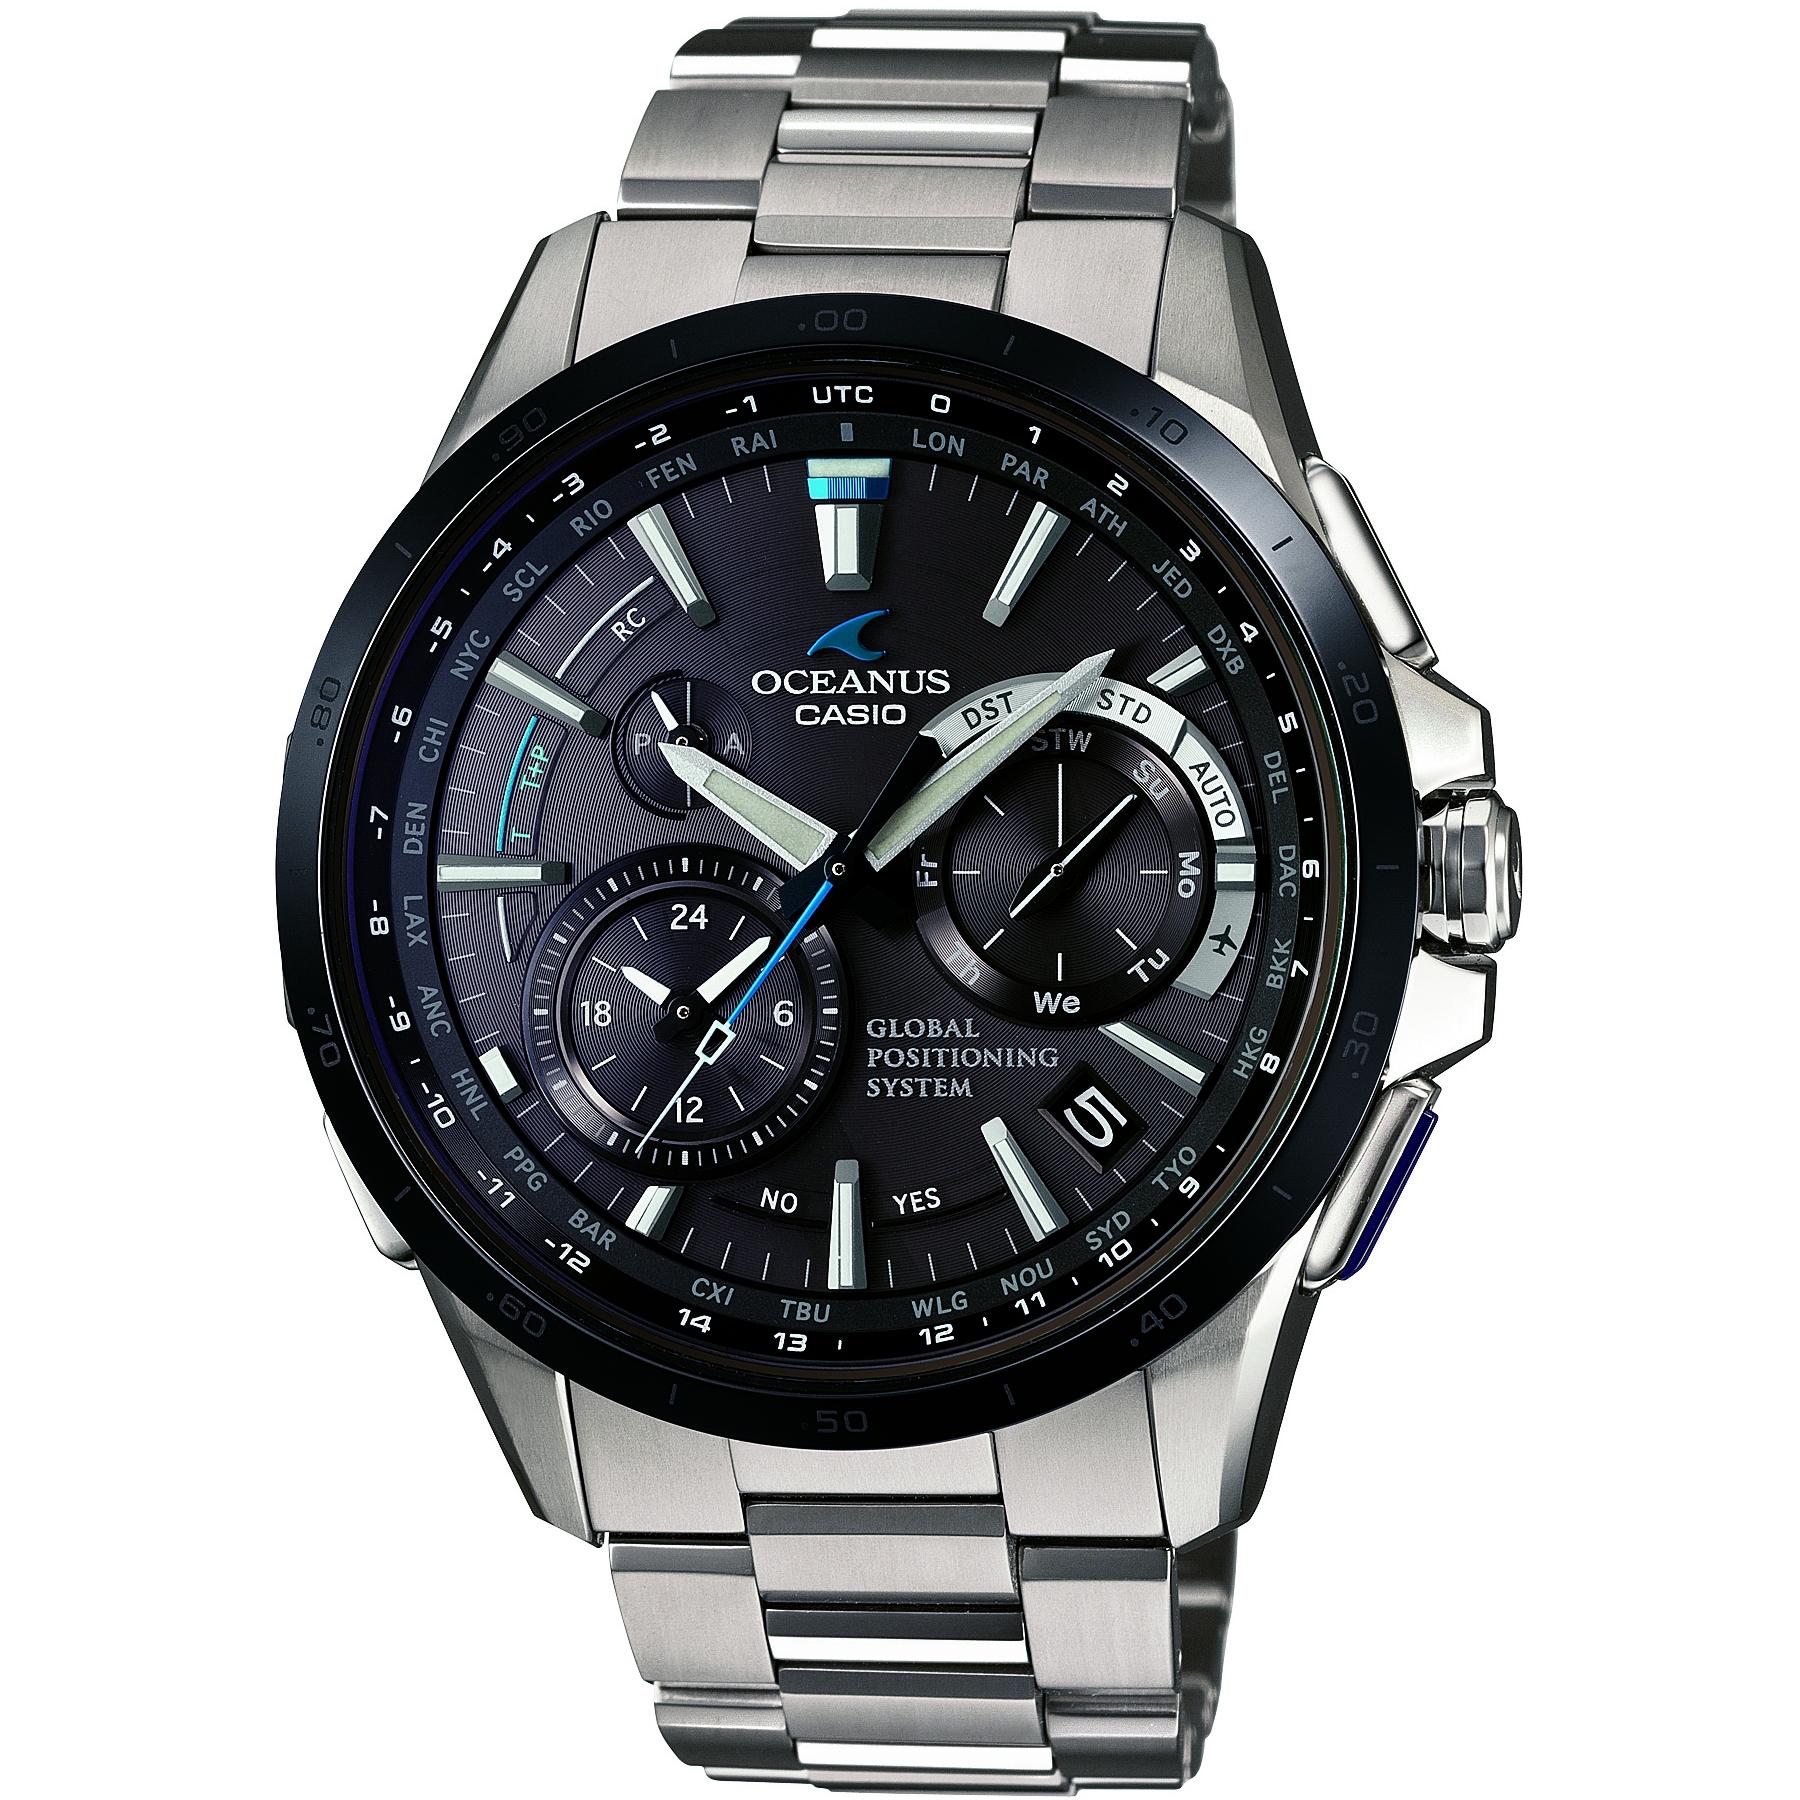 ea476c5523c Gents Casio Oceanus GPS Hybrid Chronograph Watch (OCW-G1000DB-1AJF ...